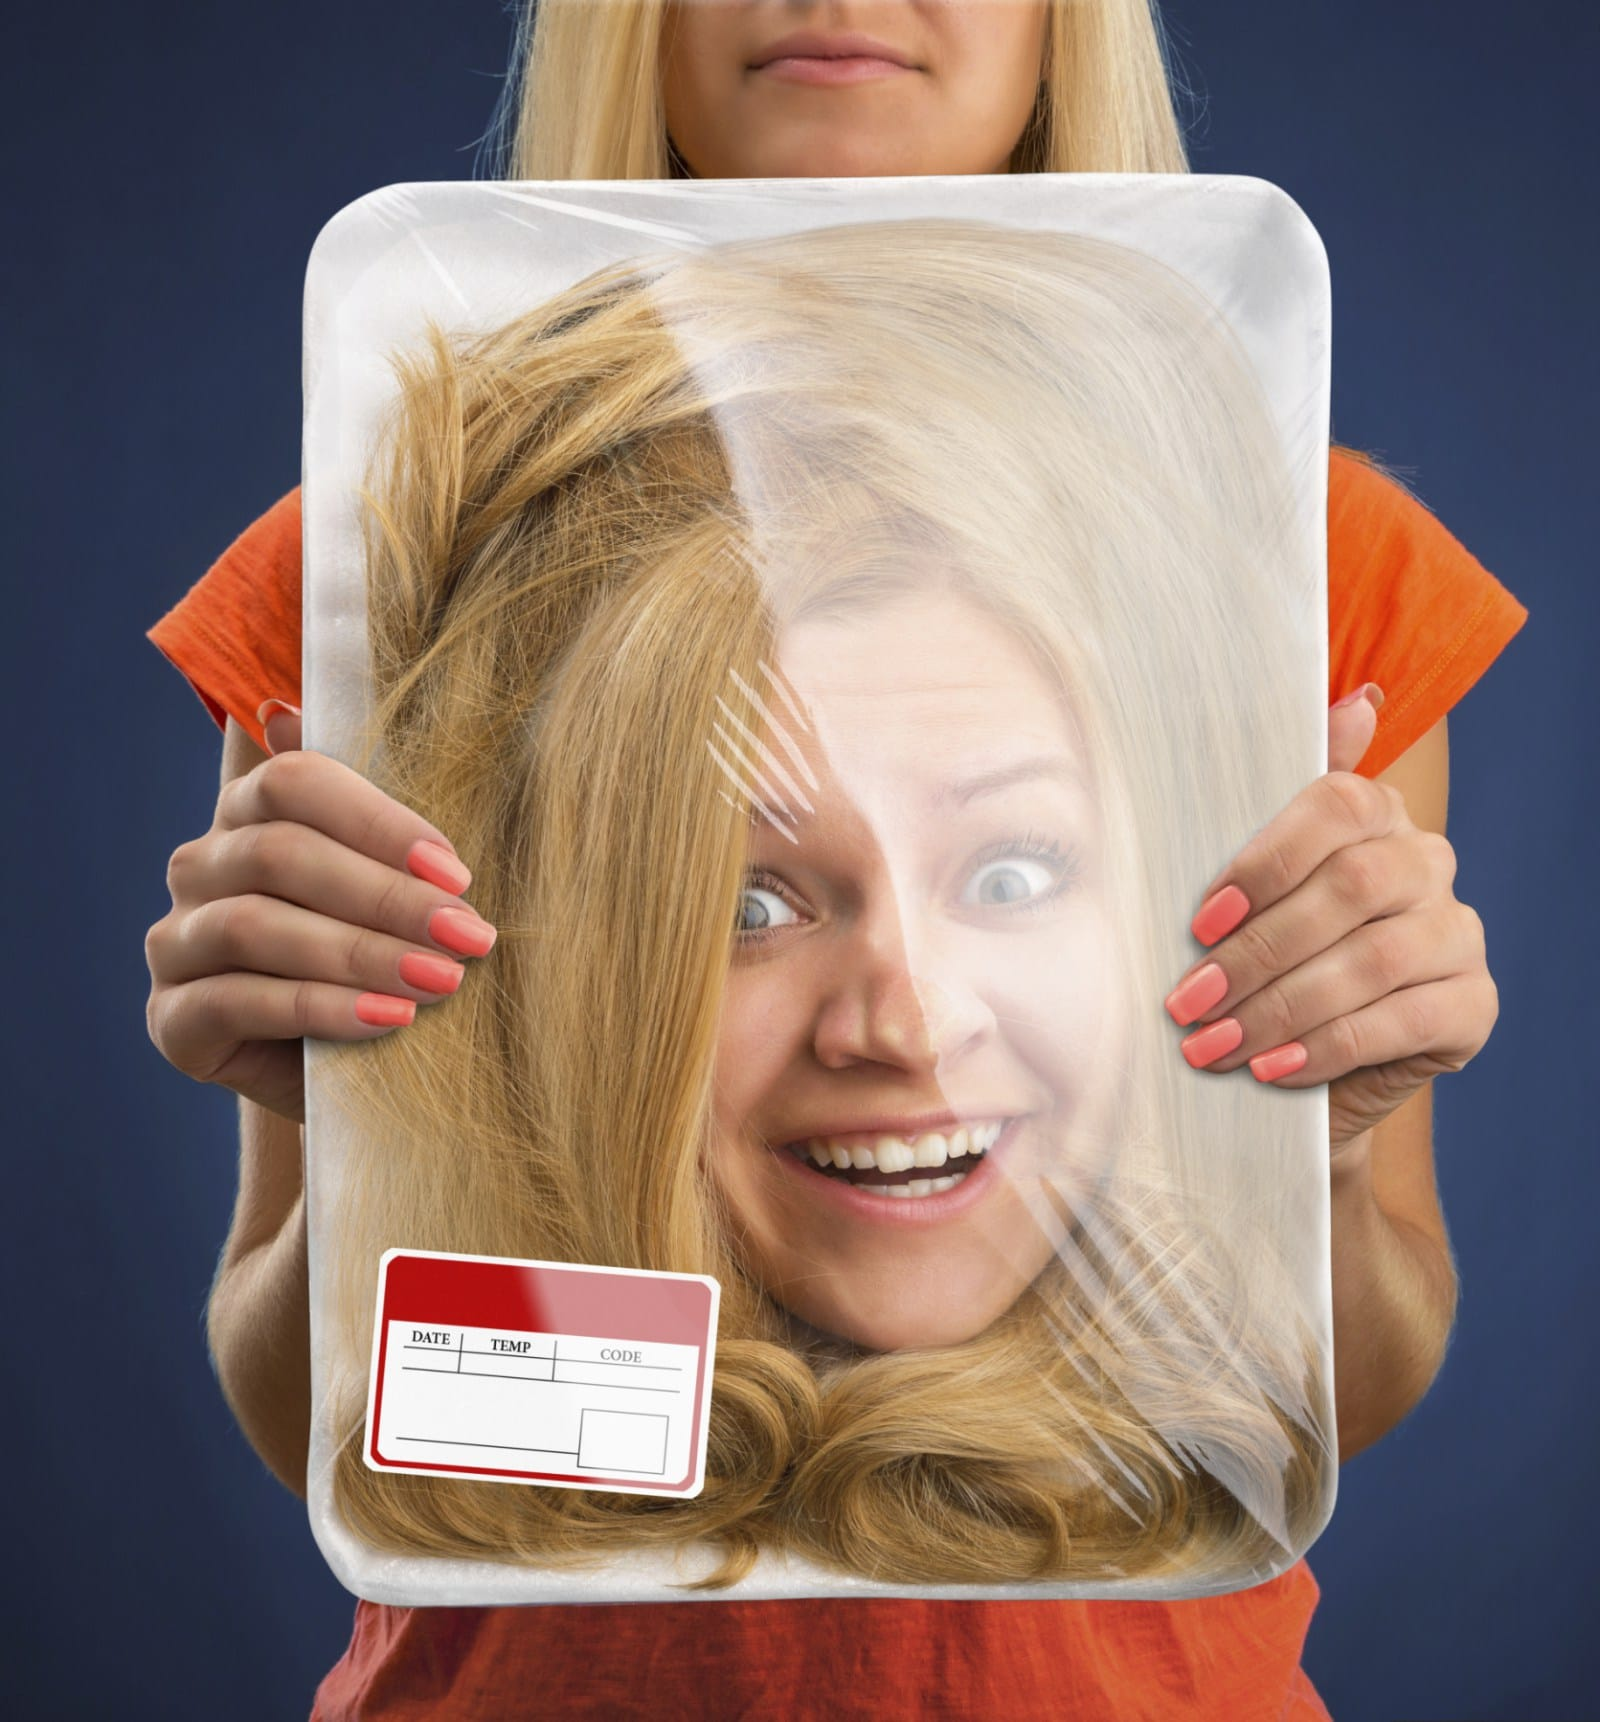 женская голова в упаковке